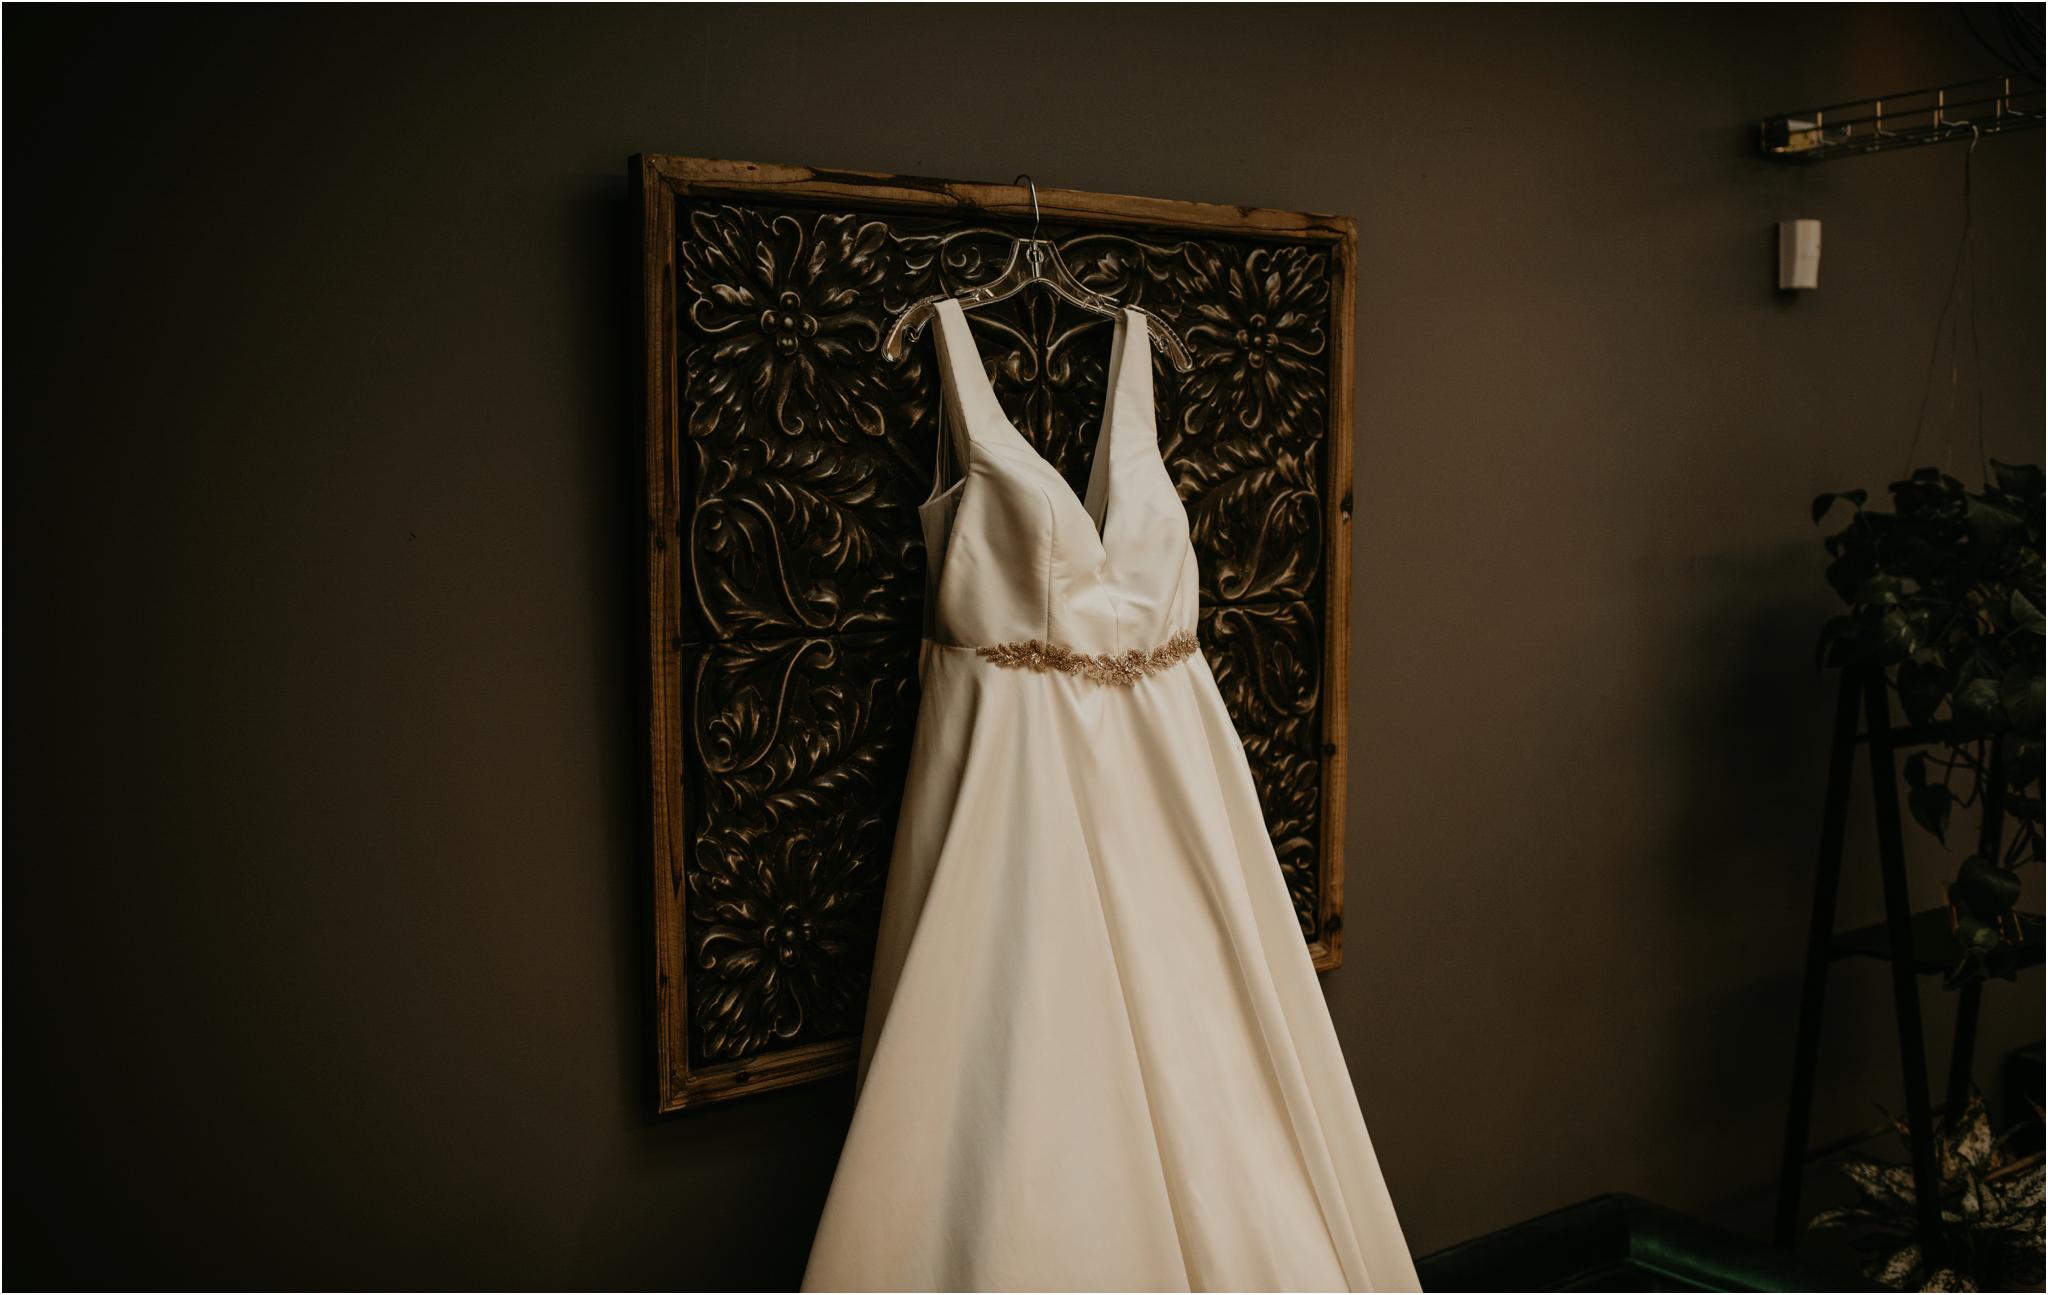 ashley-and-david-fremont-foundry-seattle-washington-wedding-photographer-002.jpg